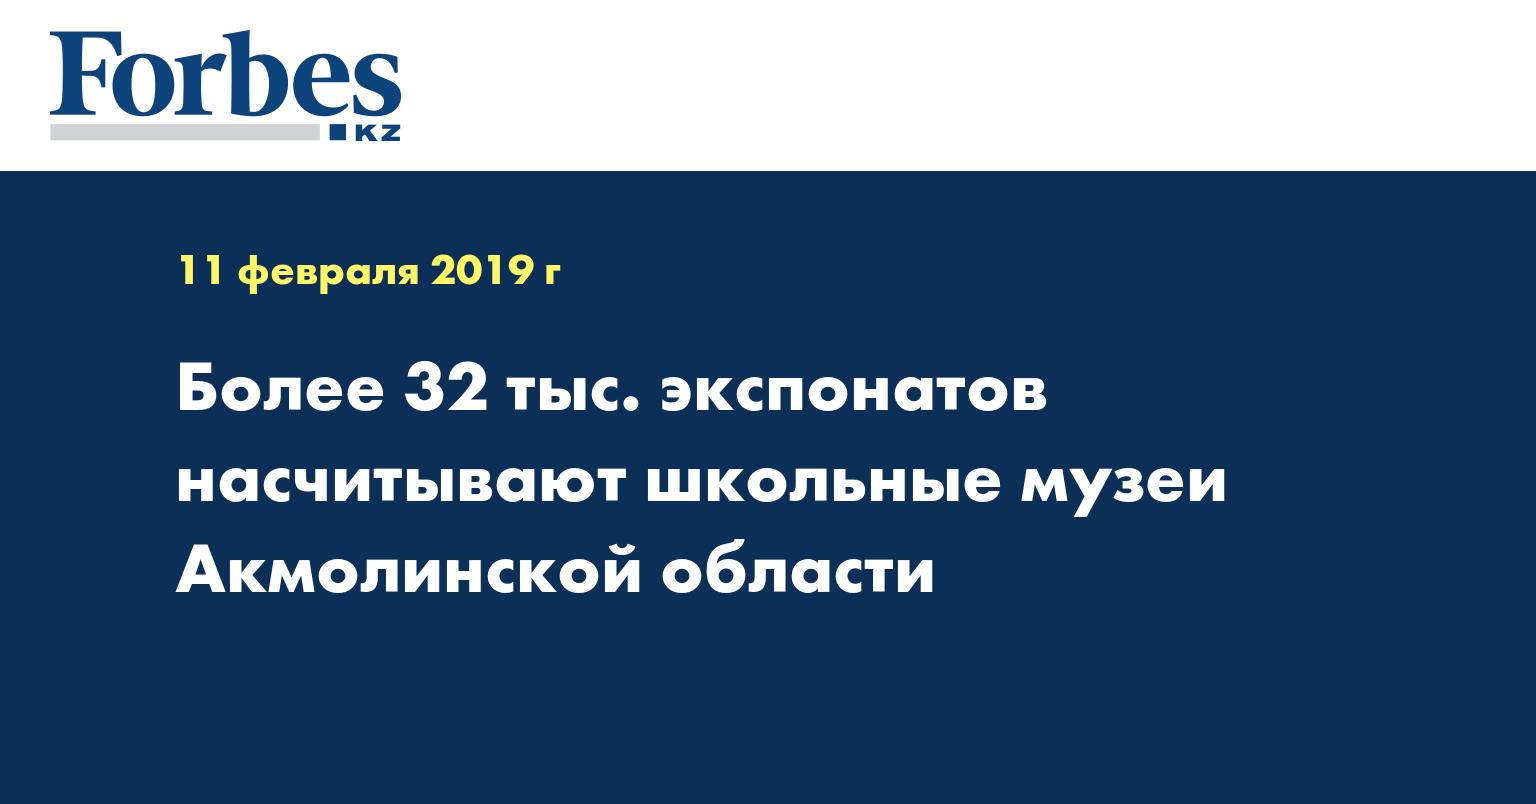 Более 32 тыc. экспонатов насчитывают школьные музеи Акмолинской области